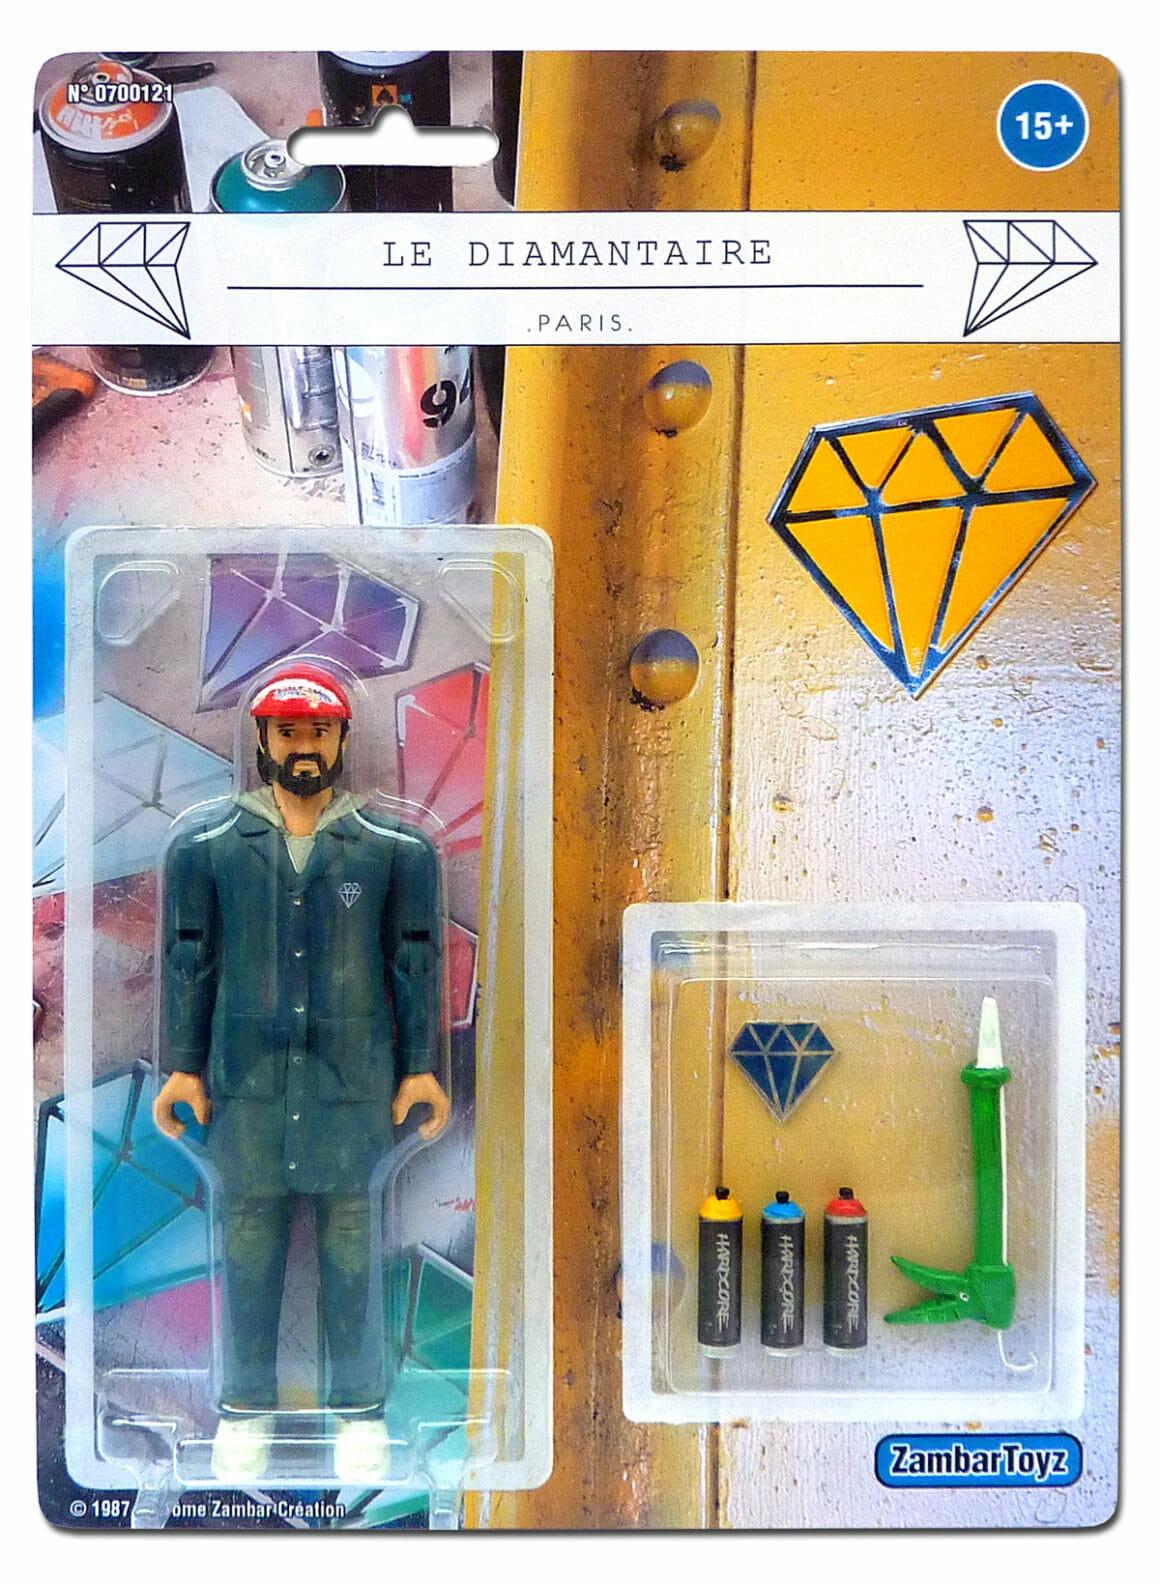 Le-diamantaire Zambar Toyz figurine